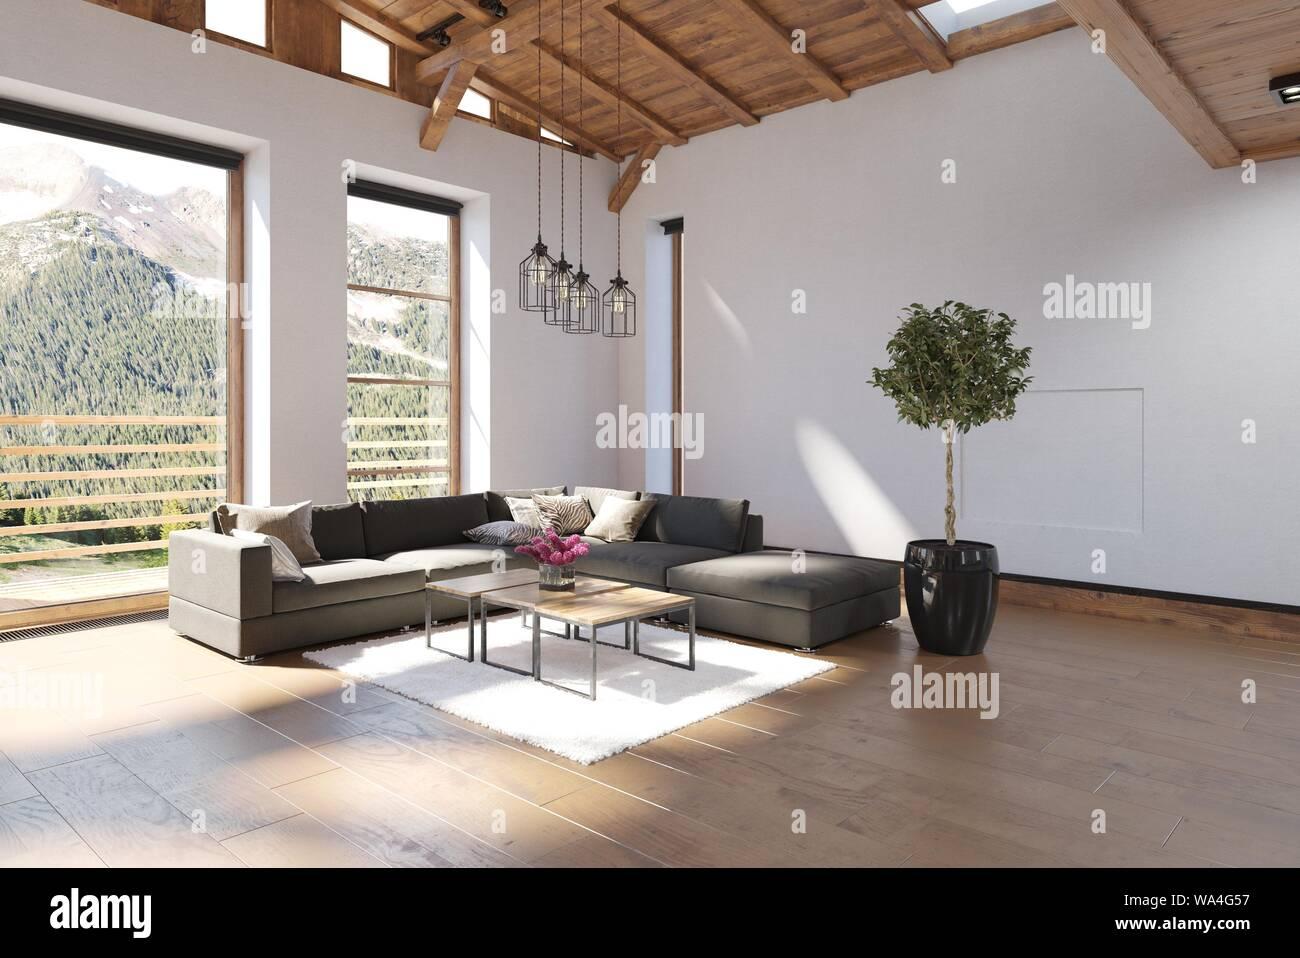 Helle Und Geraumige Moderne Luxus Wohnzimmer Mit Einem Volumen